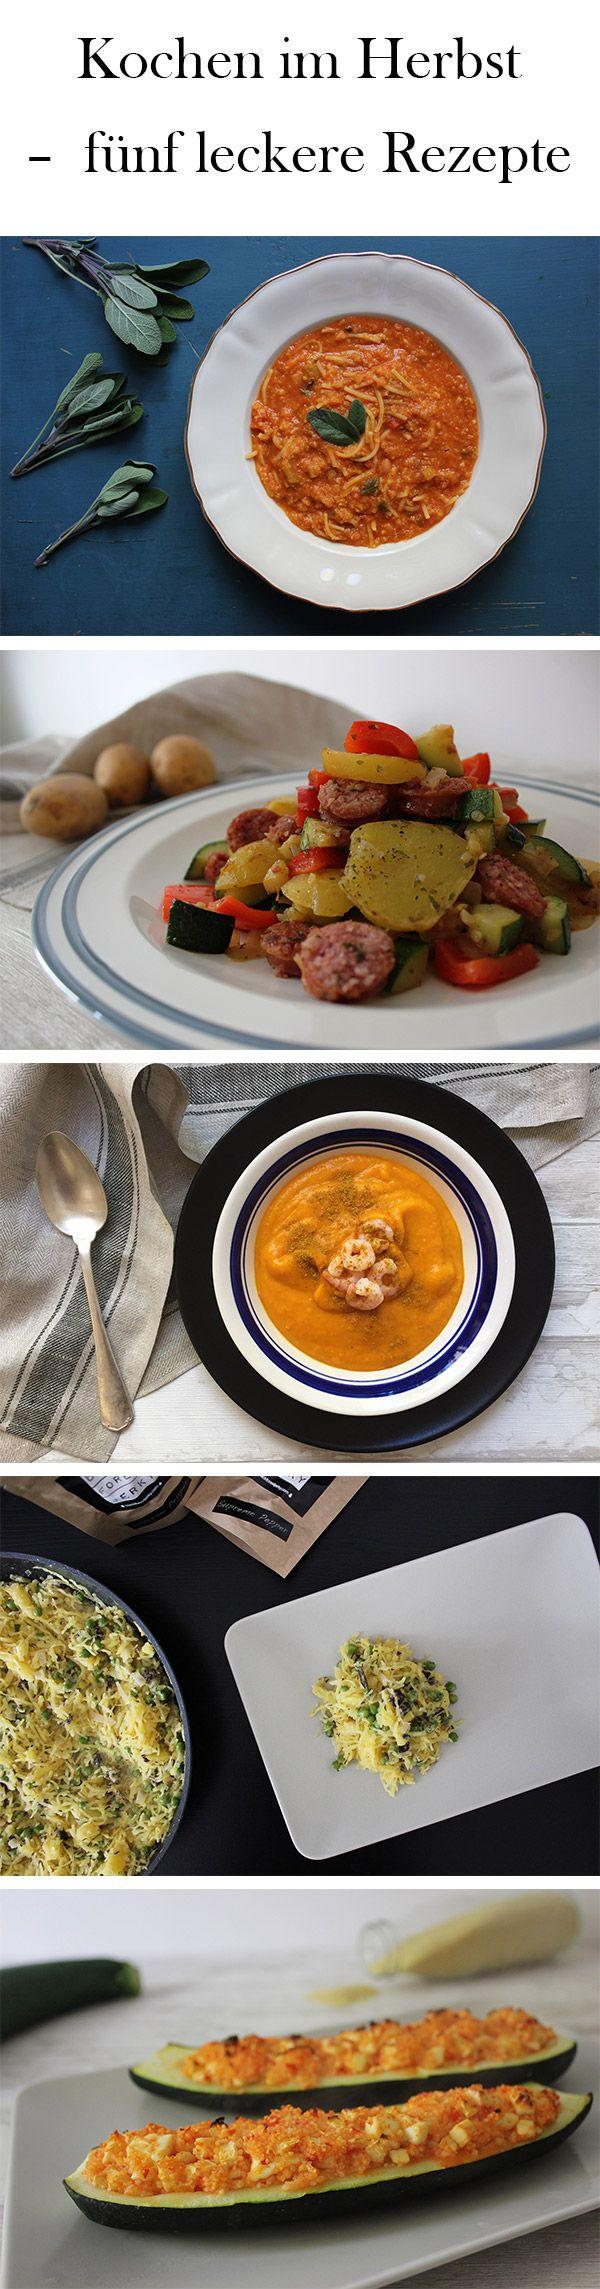 Der Herbst bringt für uns genau zwei kulinarische Highlights, auf die wir uns das ganze Jahr freuen: Kürbis und Suppen. In diesem CHEF FOXIE Wochenplan, vereinen wir genau diese zwei Dinge! Koch mit uns und genieße eine Woche voller Kürbis, Suppe, Kürbissuppe – aber natürlich auch anderer Leckereien, die dich so richtig in Herbststimmung bringen!